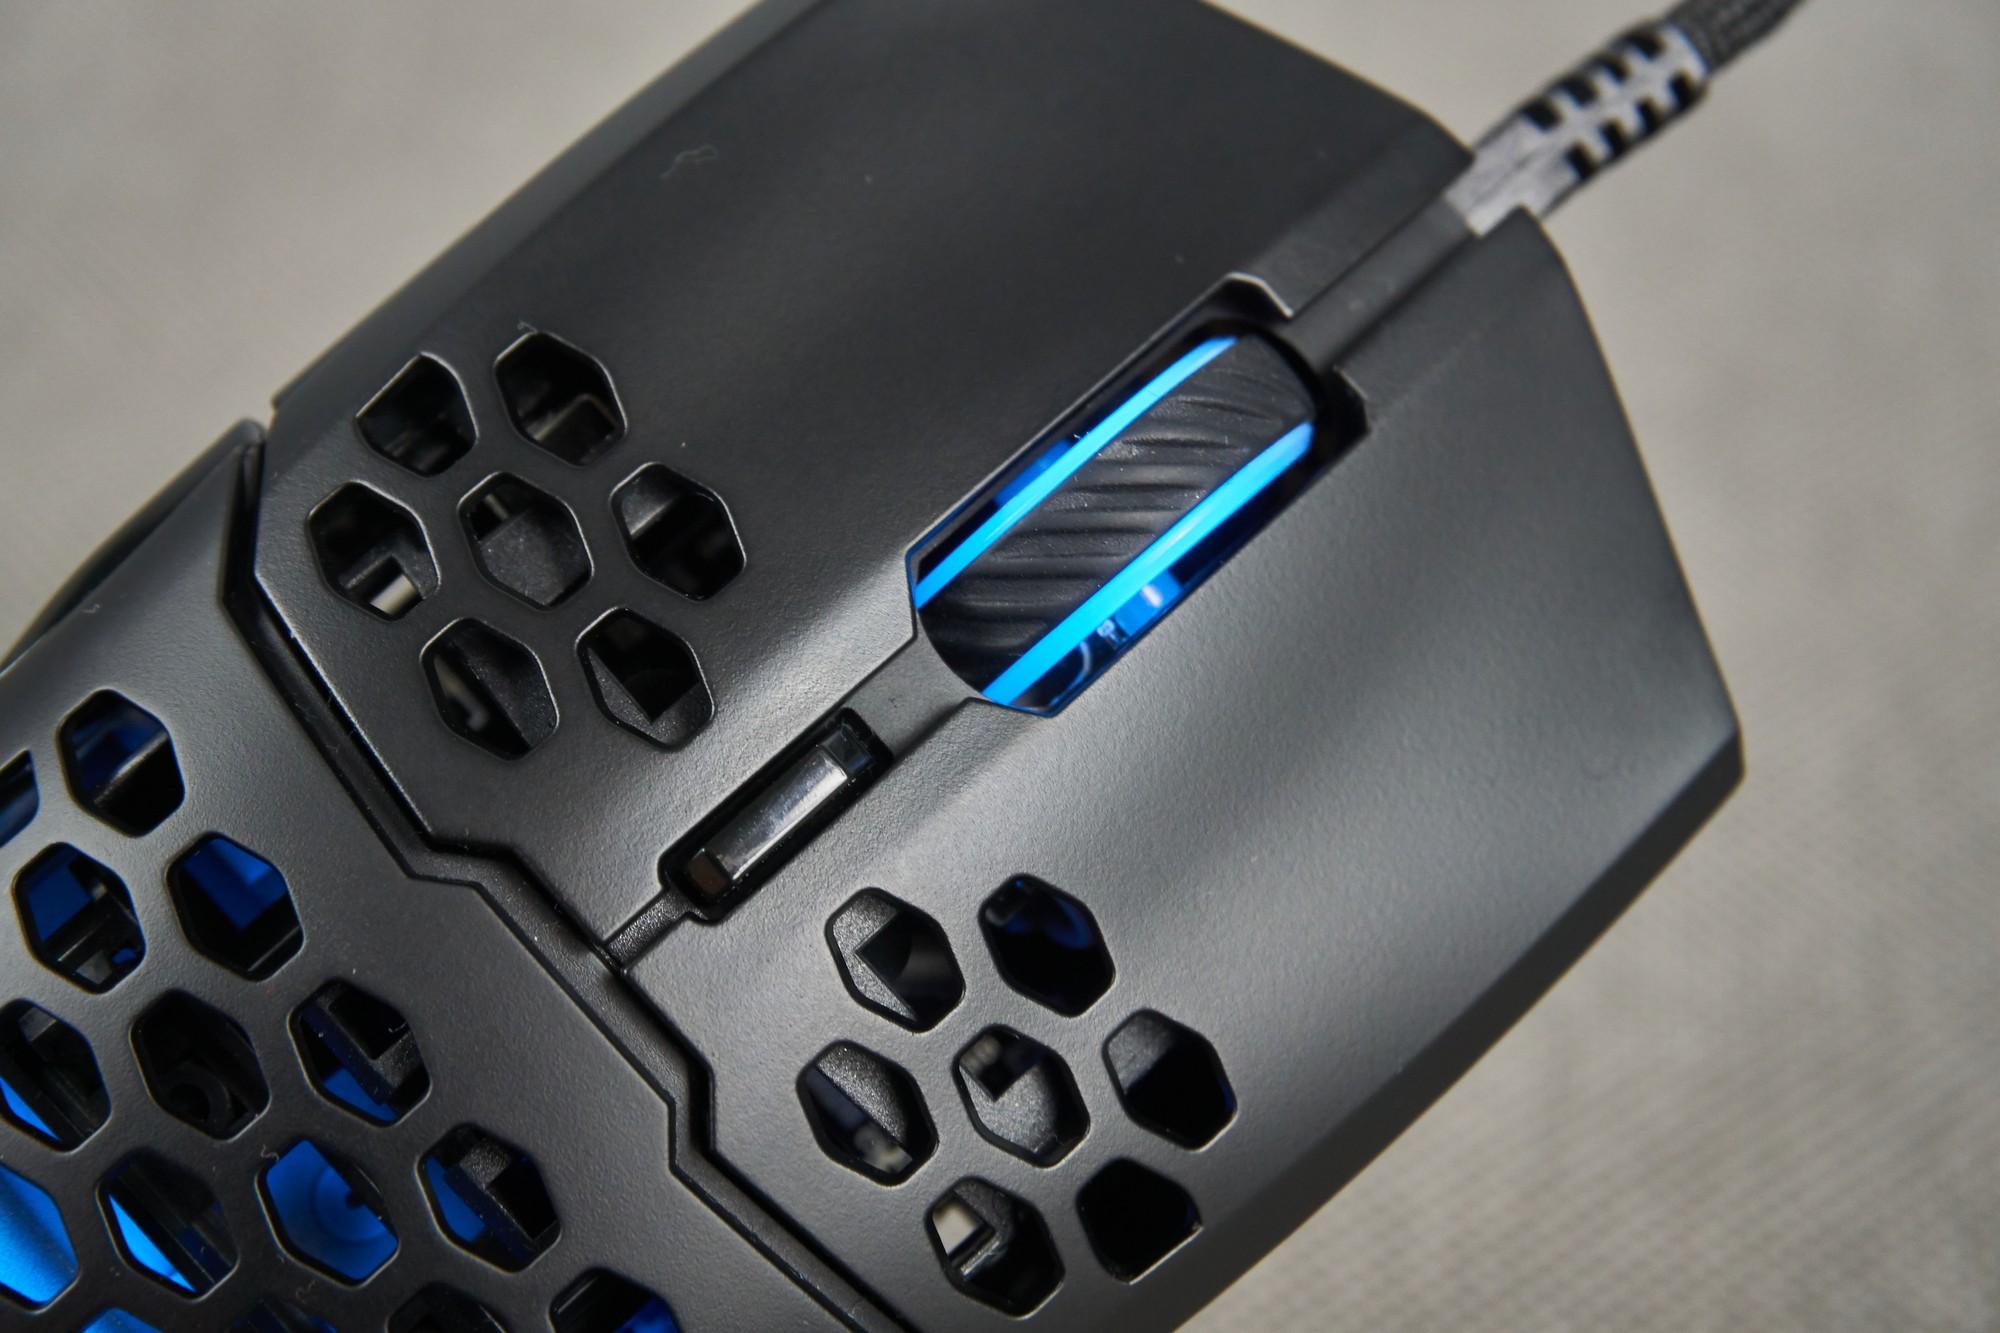 Recenzja Cooler Master MM711 - jeszcze mniej, jeszcze lżej